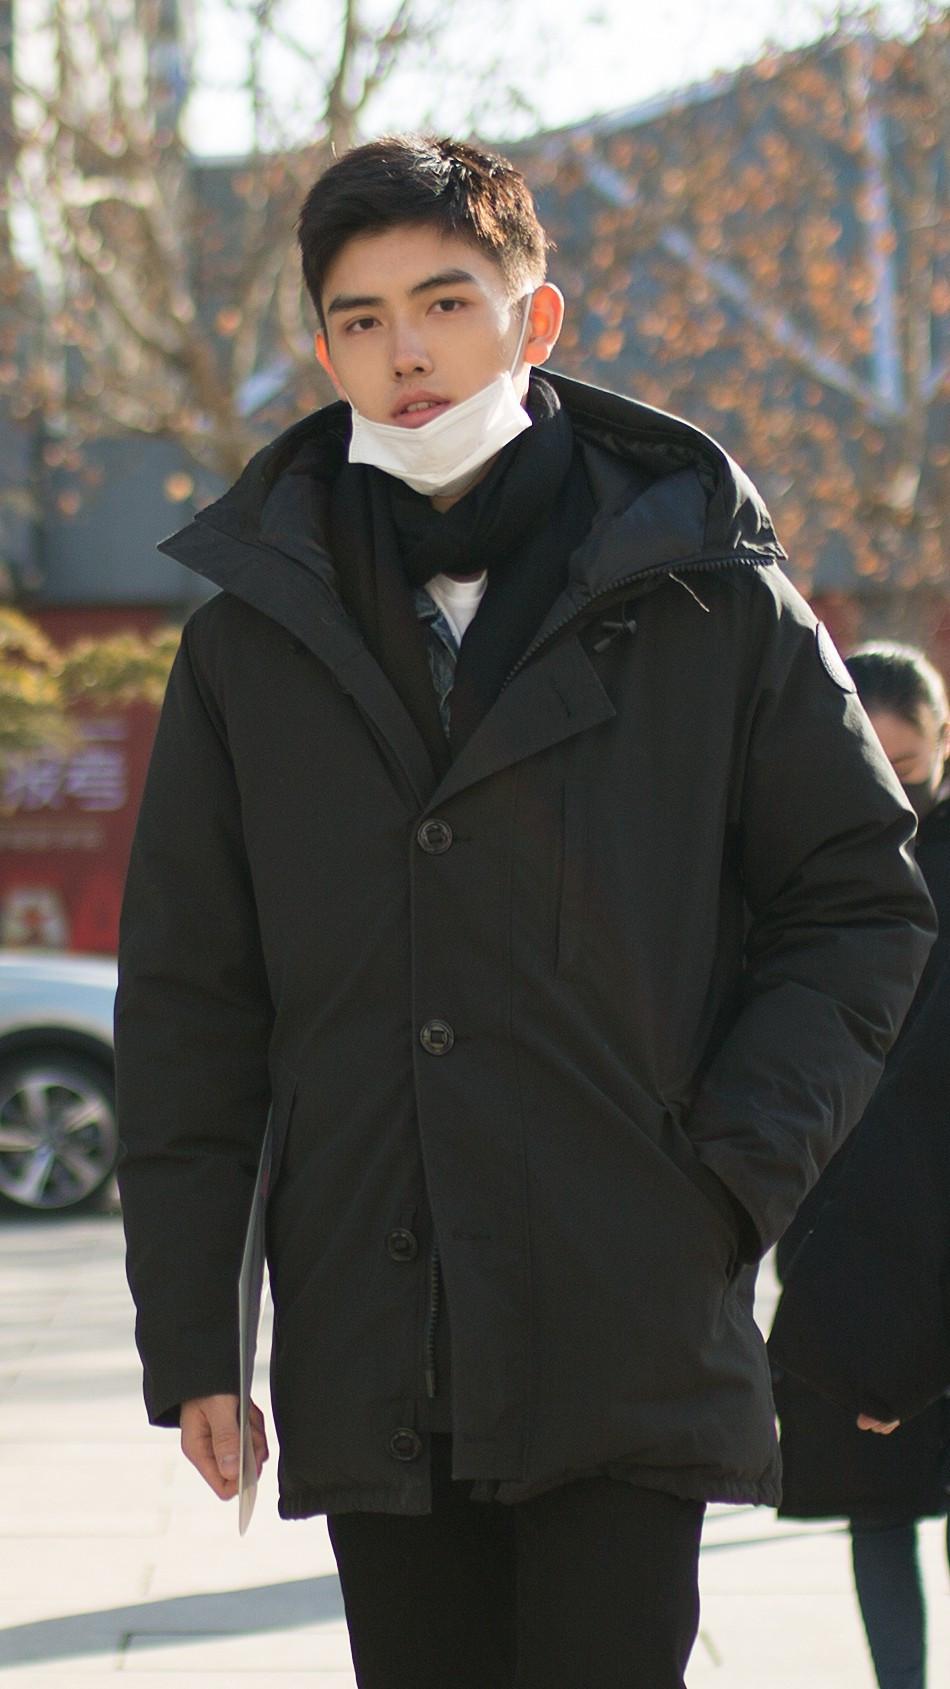 Trần Phi Vũ - quý tử nhà đạo diễn Trần Khải Ca: Điển trai, áp đảo cả Song Joong Ki, thành đại sứ Dior khi mới 16 tuổi